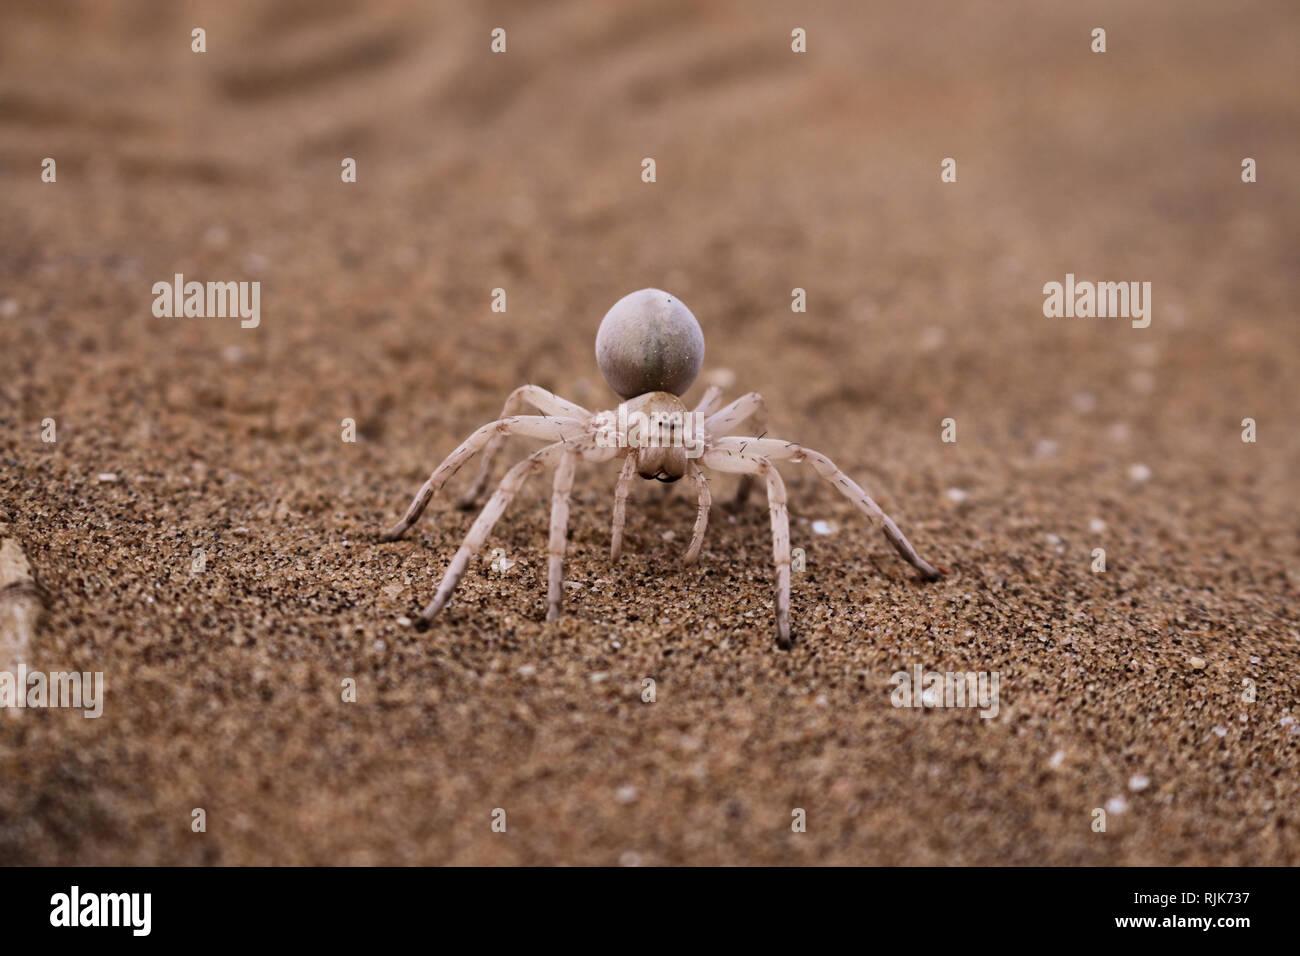 Spinne in der Namibwüste Stock Photo